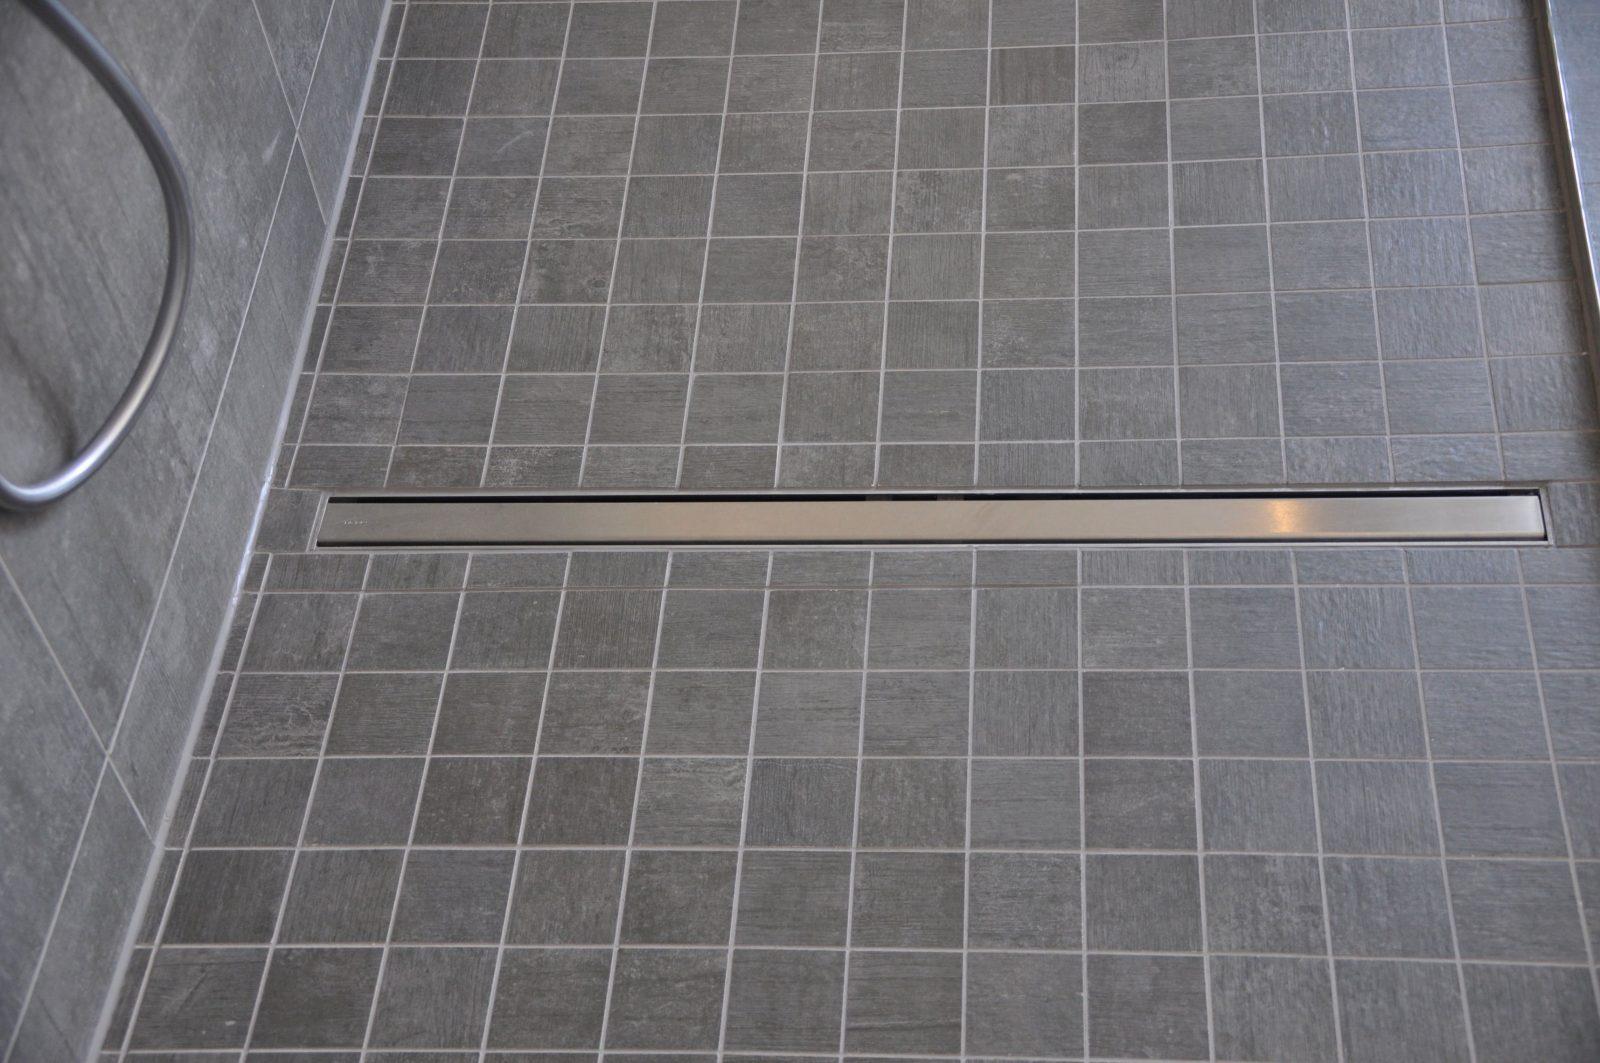 Pin Von Konstantin Mayer Auf Bad In 2019  Badezimmer Begehbare von Mosaik Fliesen Dusche Boden Photo